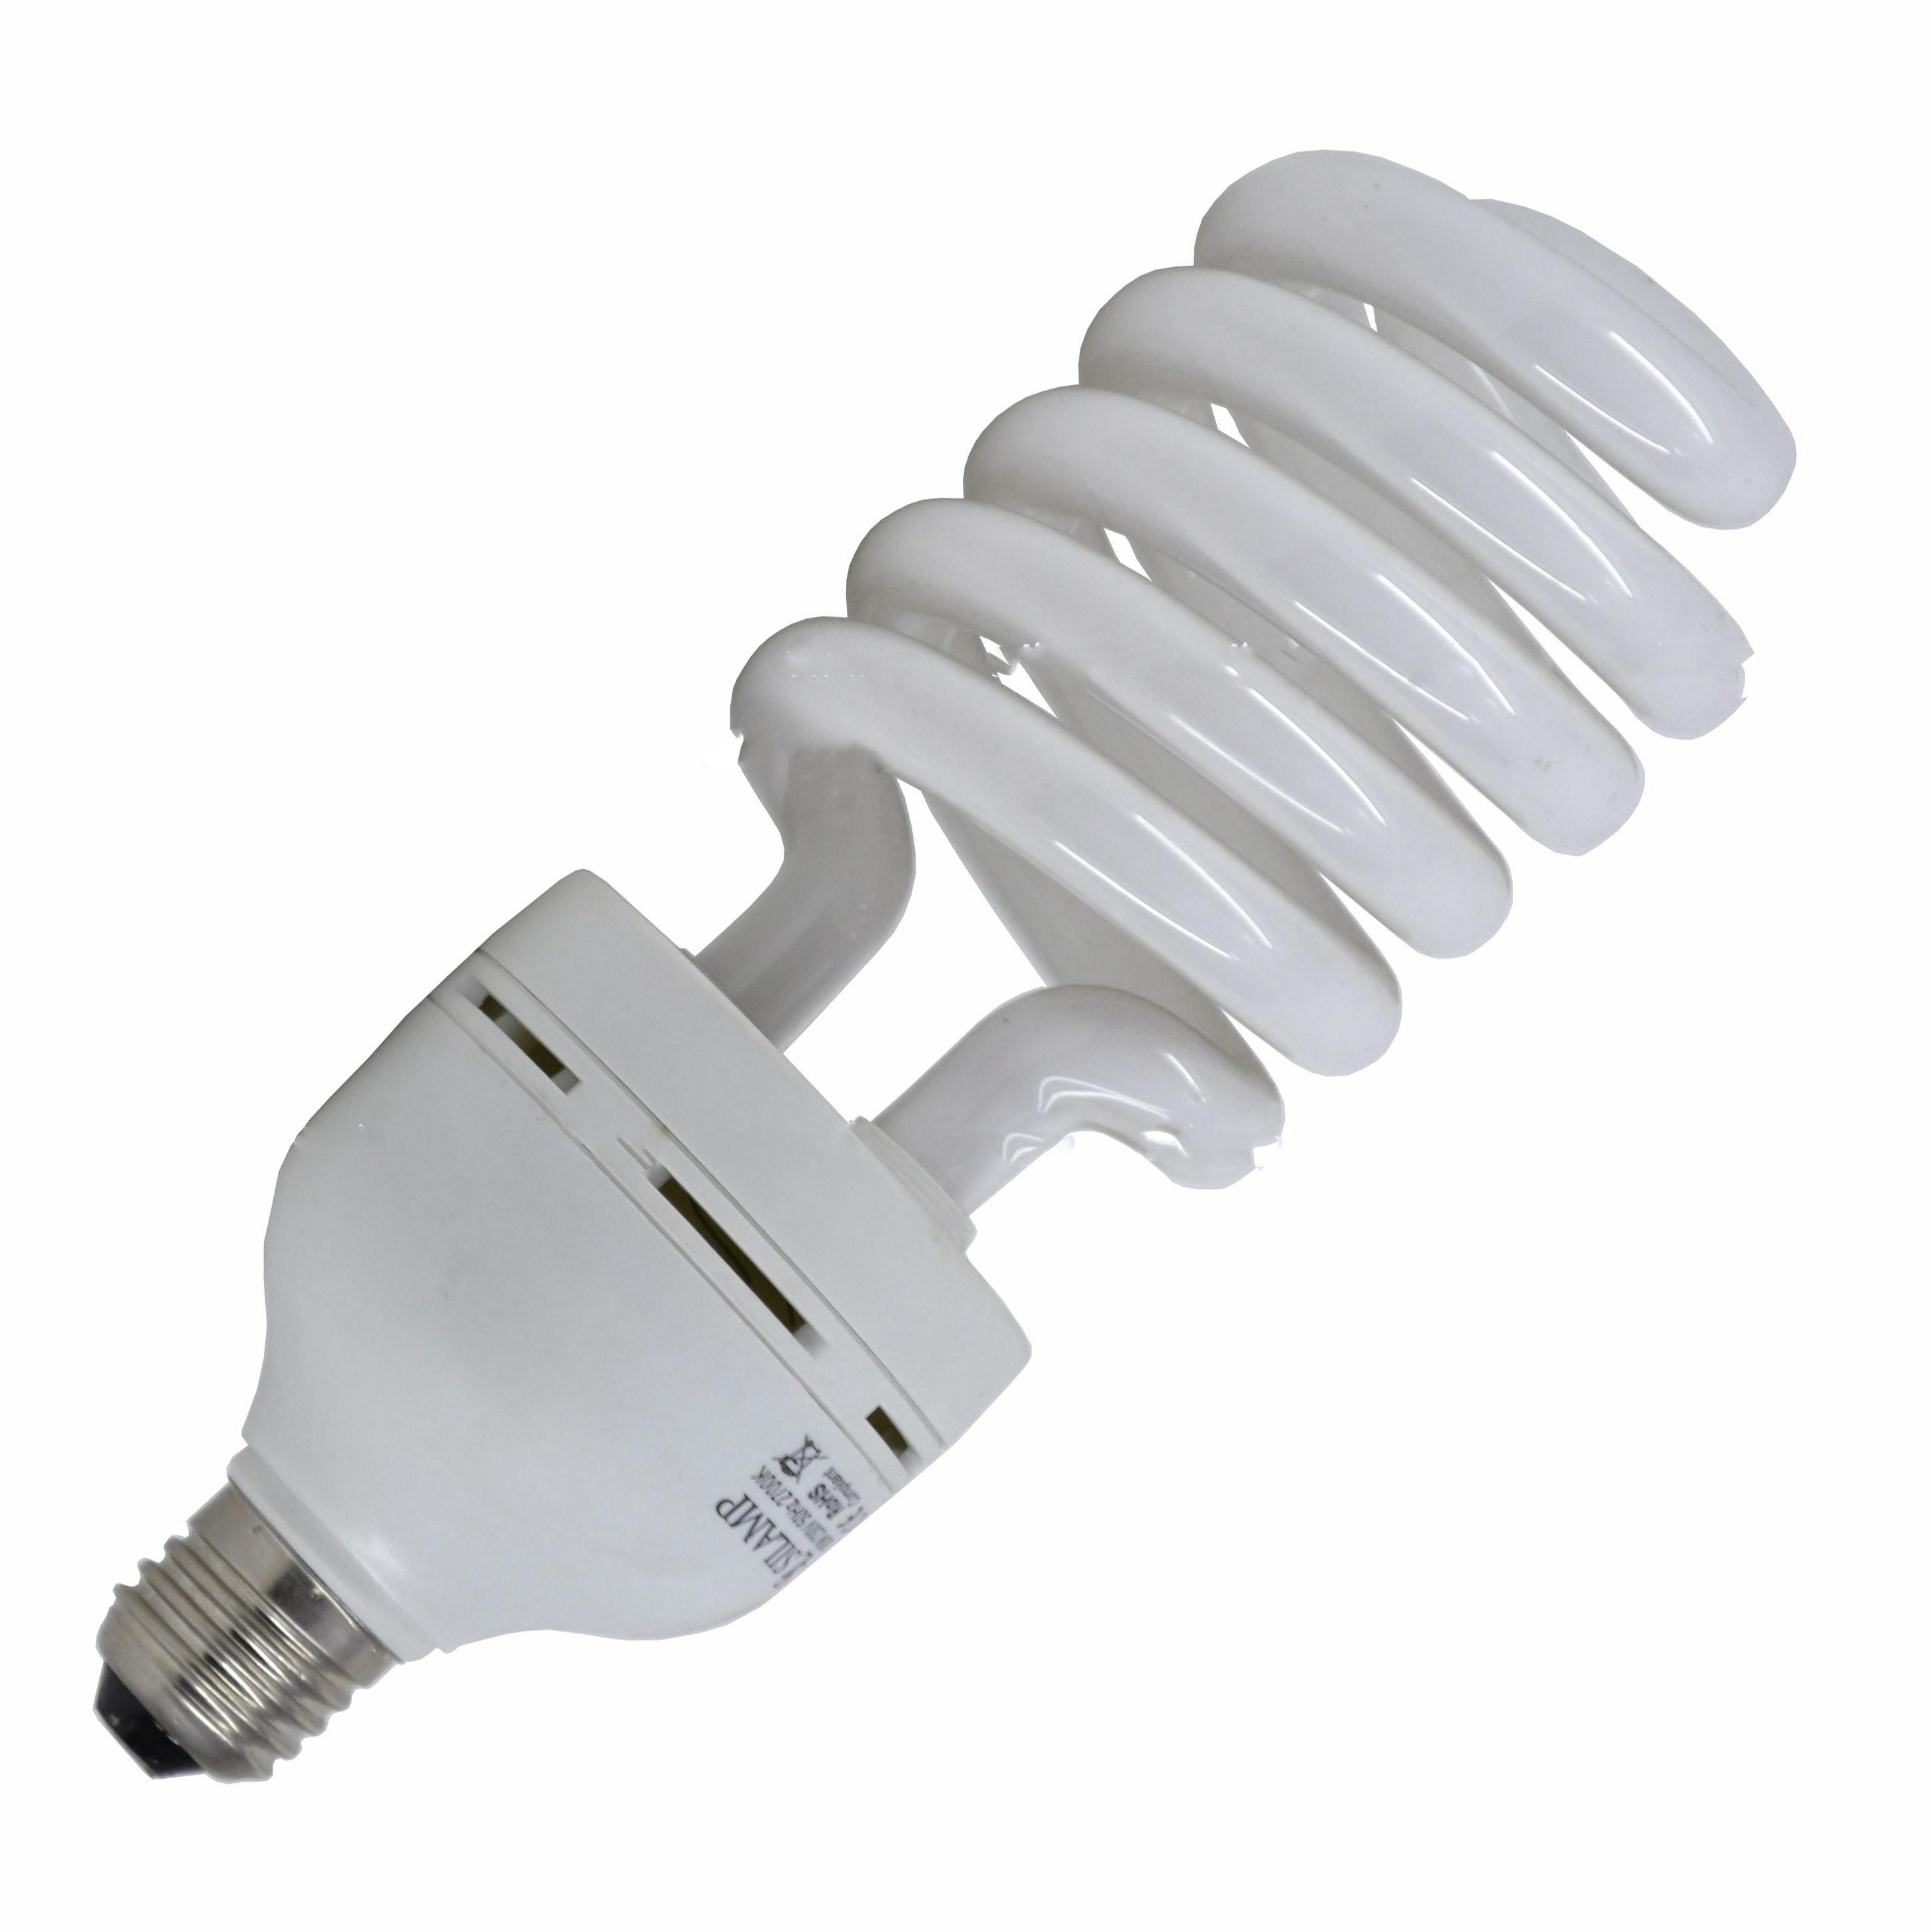 lampadina risparmio energetico : DSE27-105W_LUCE_ - Offerte lampadine neon basso consumo SILAMP ...